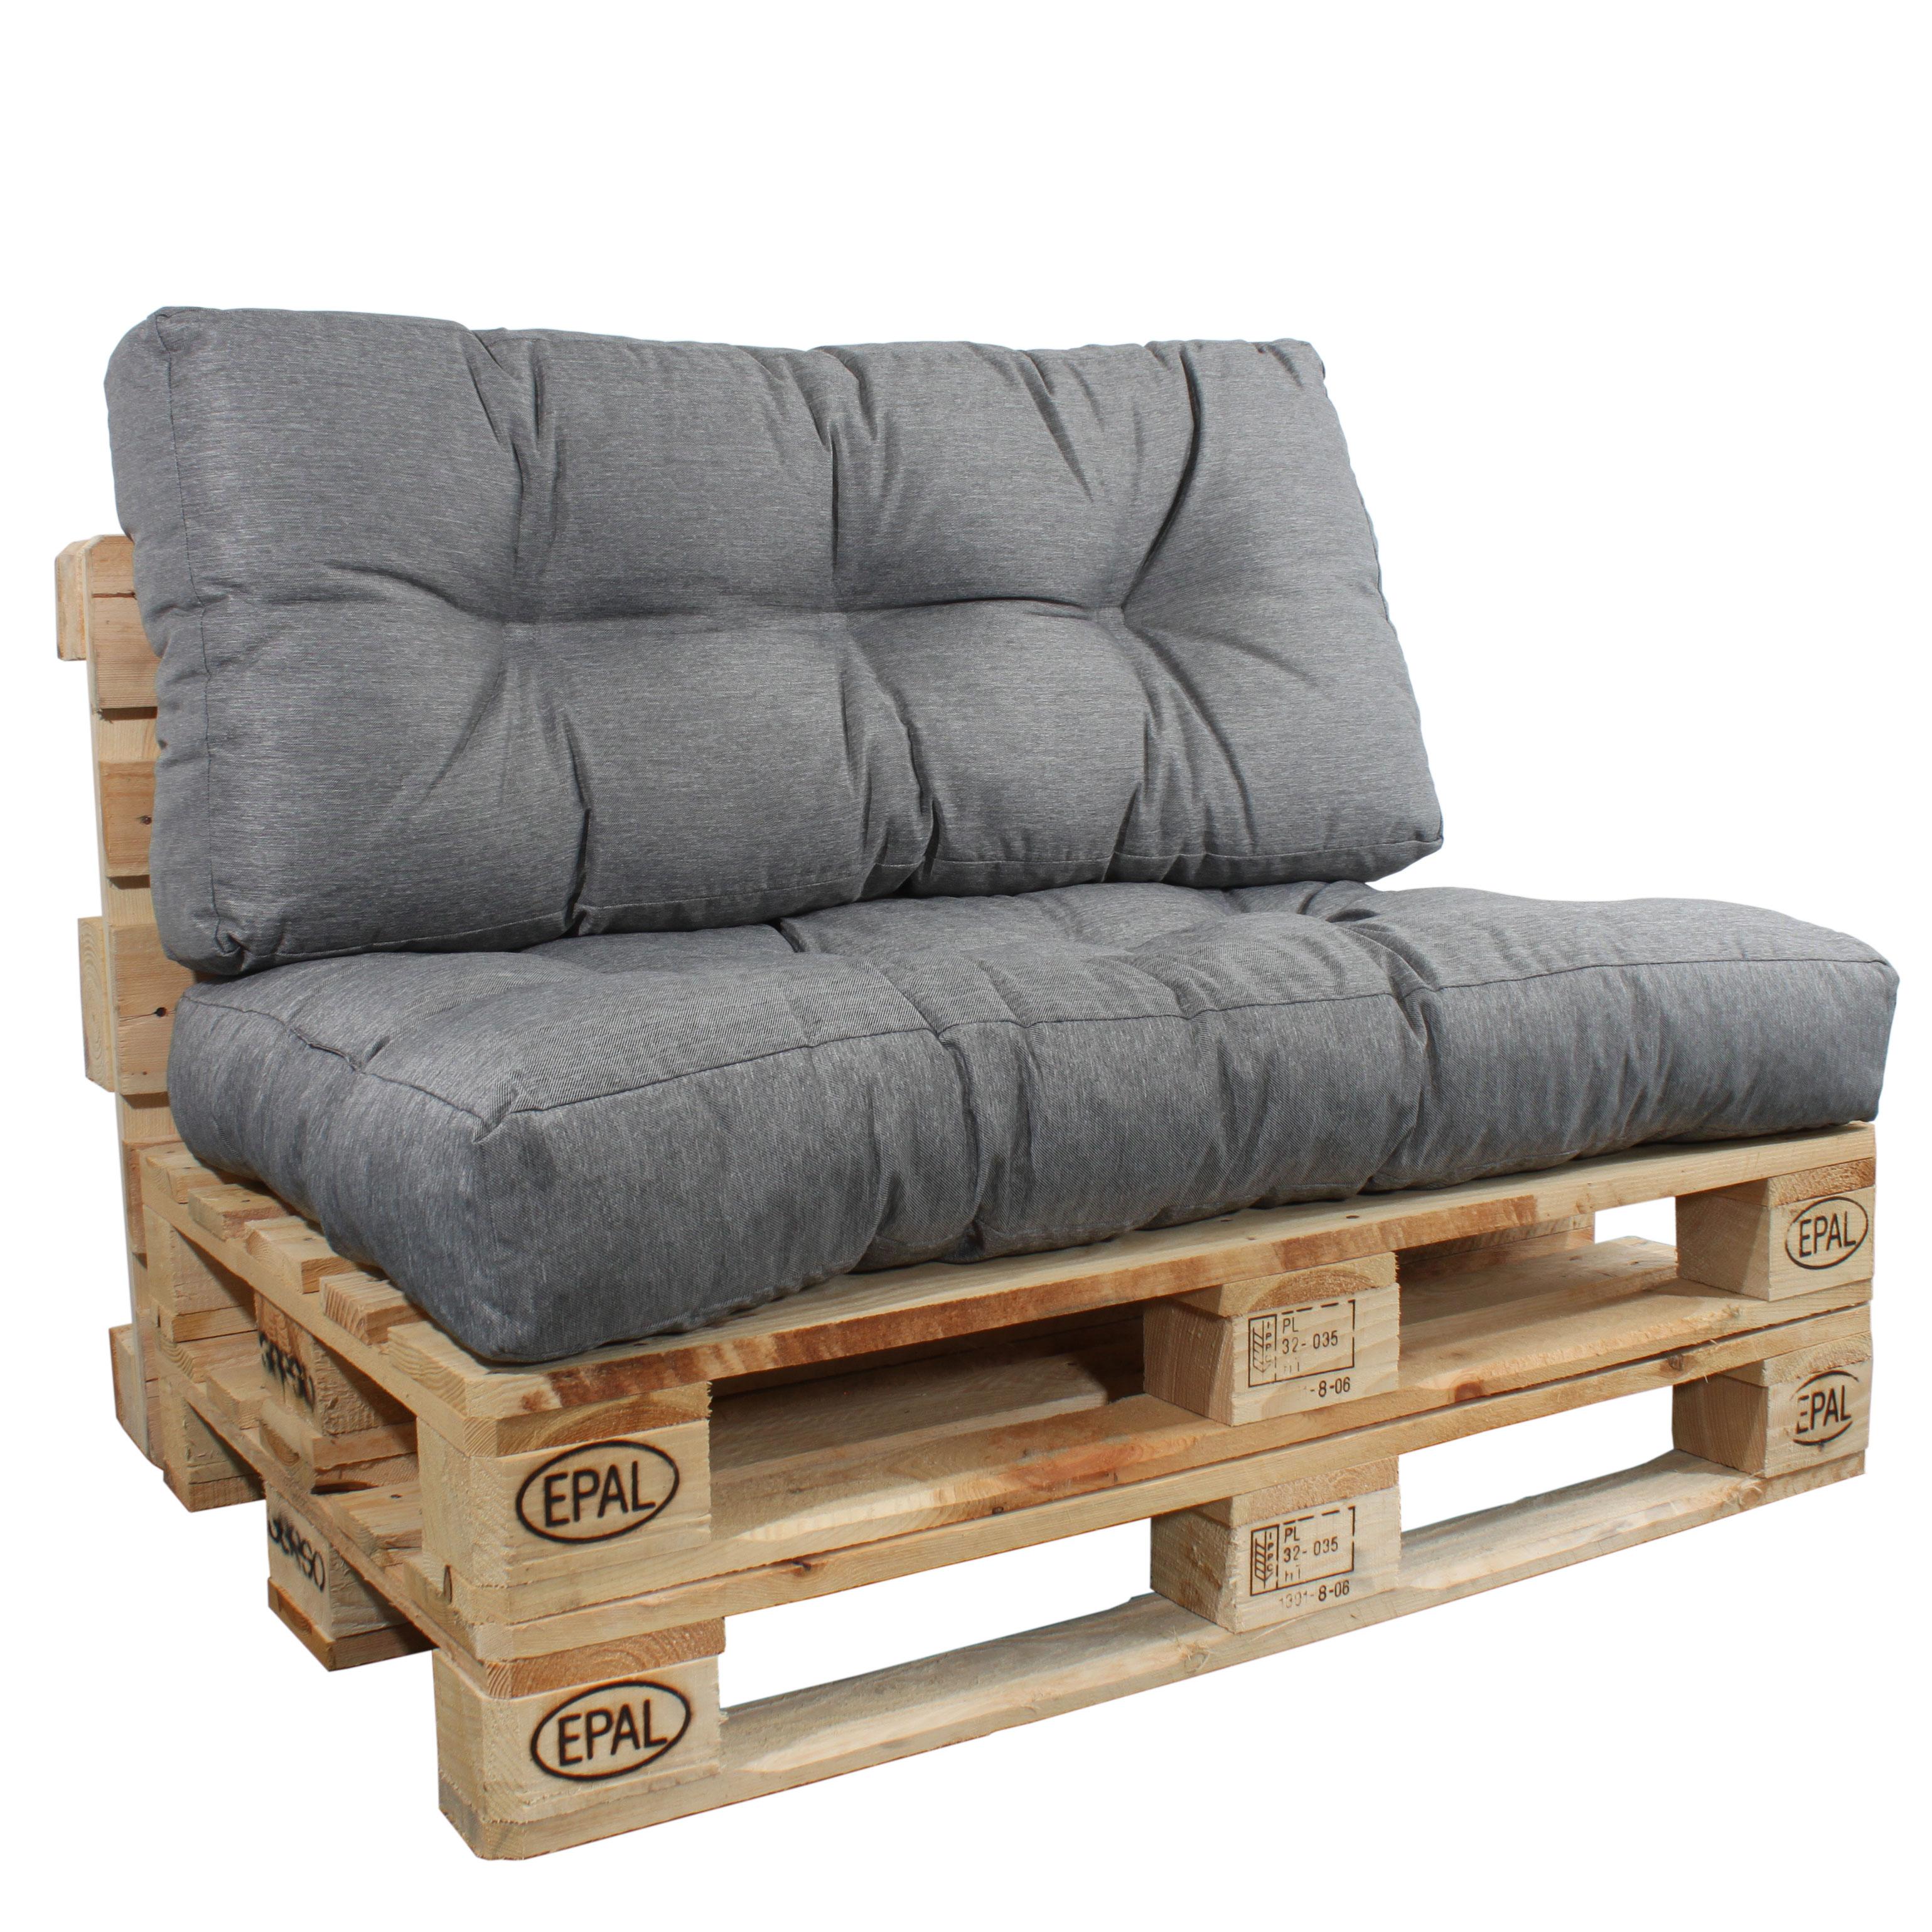 Rückenlehne und Sitzkissen in grau für Paletten